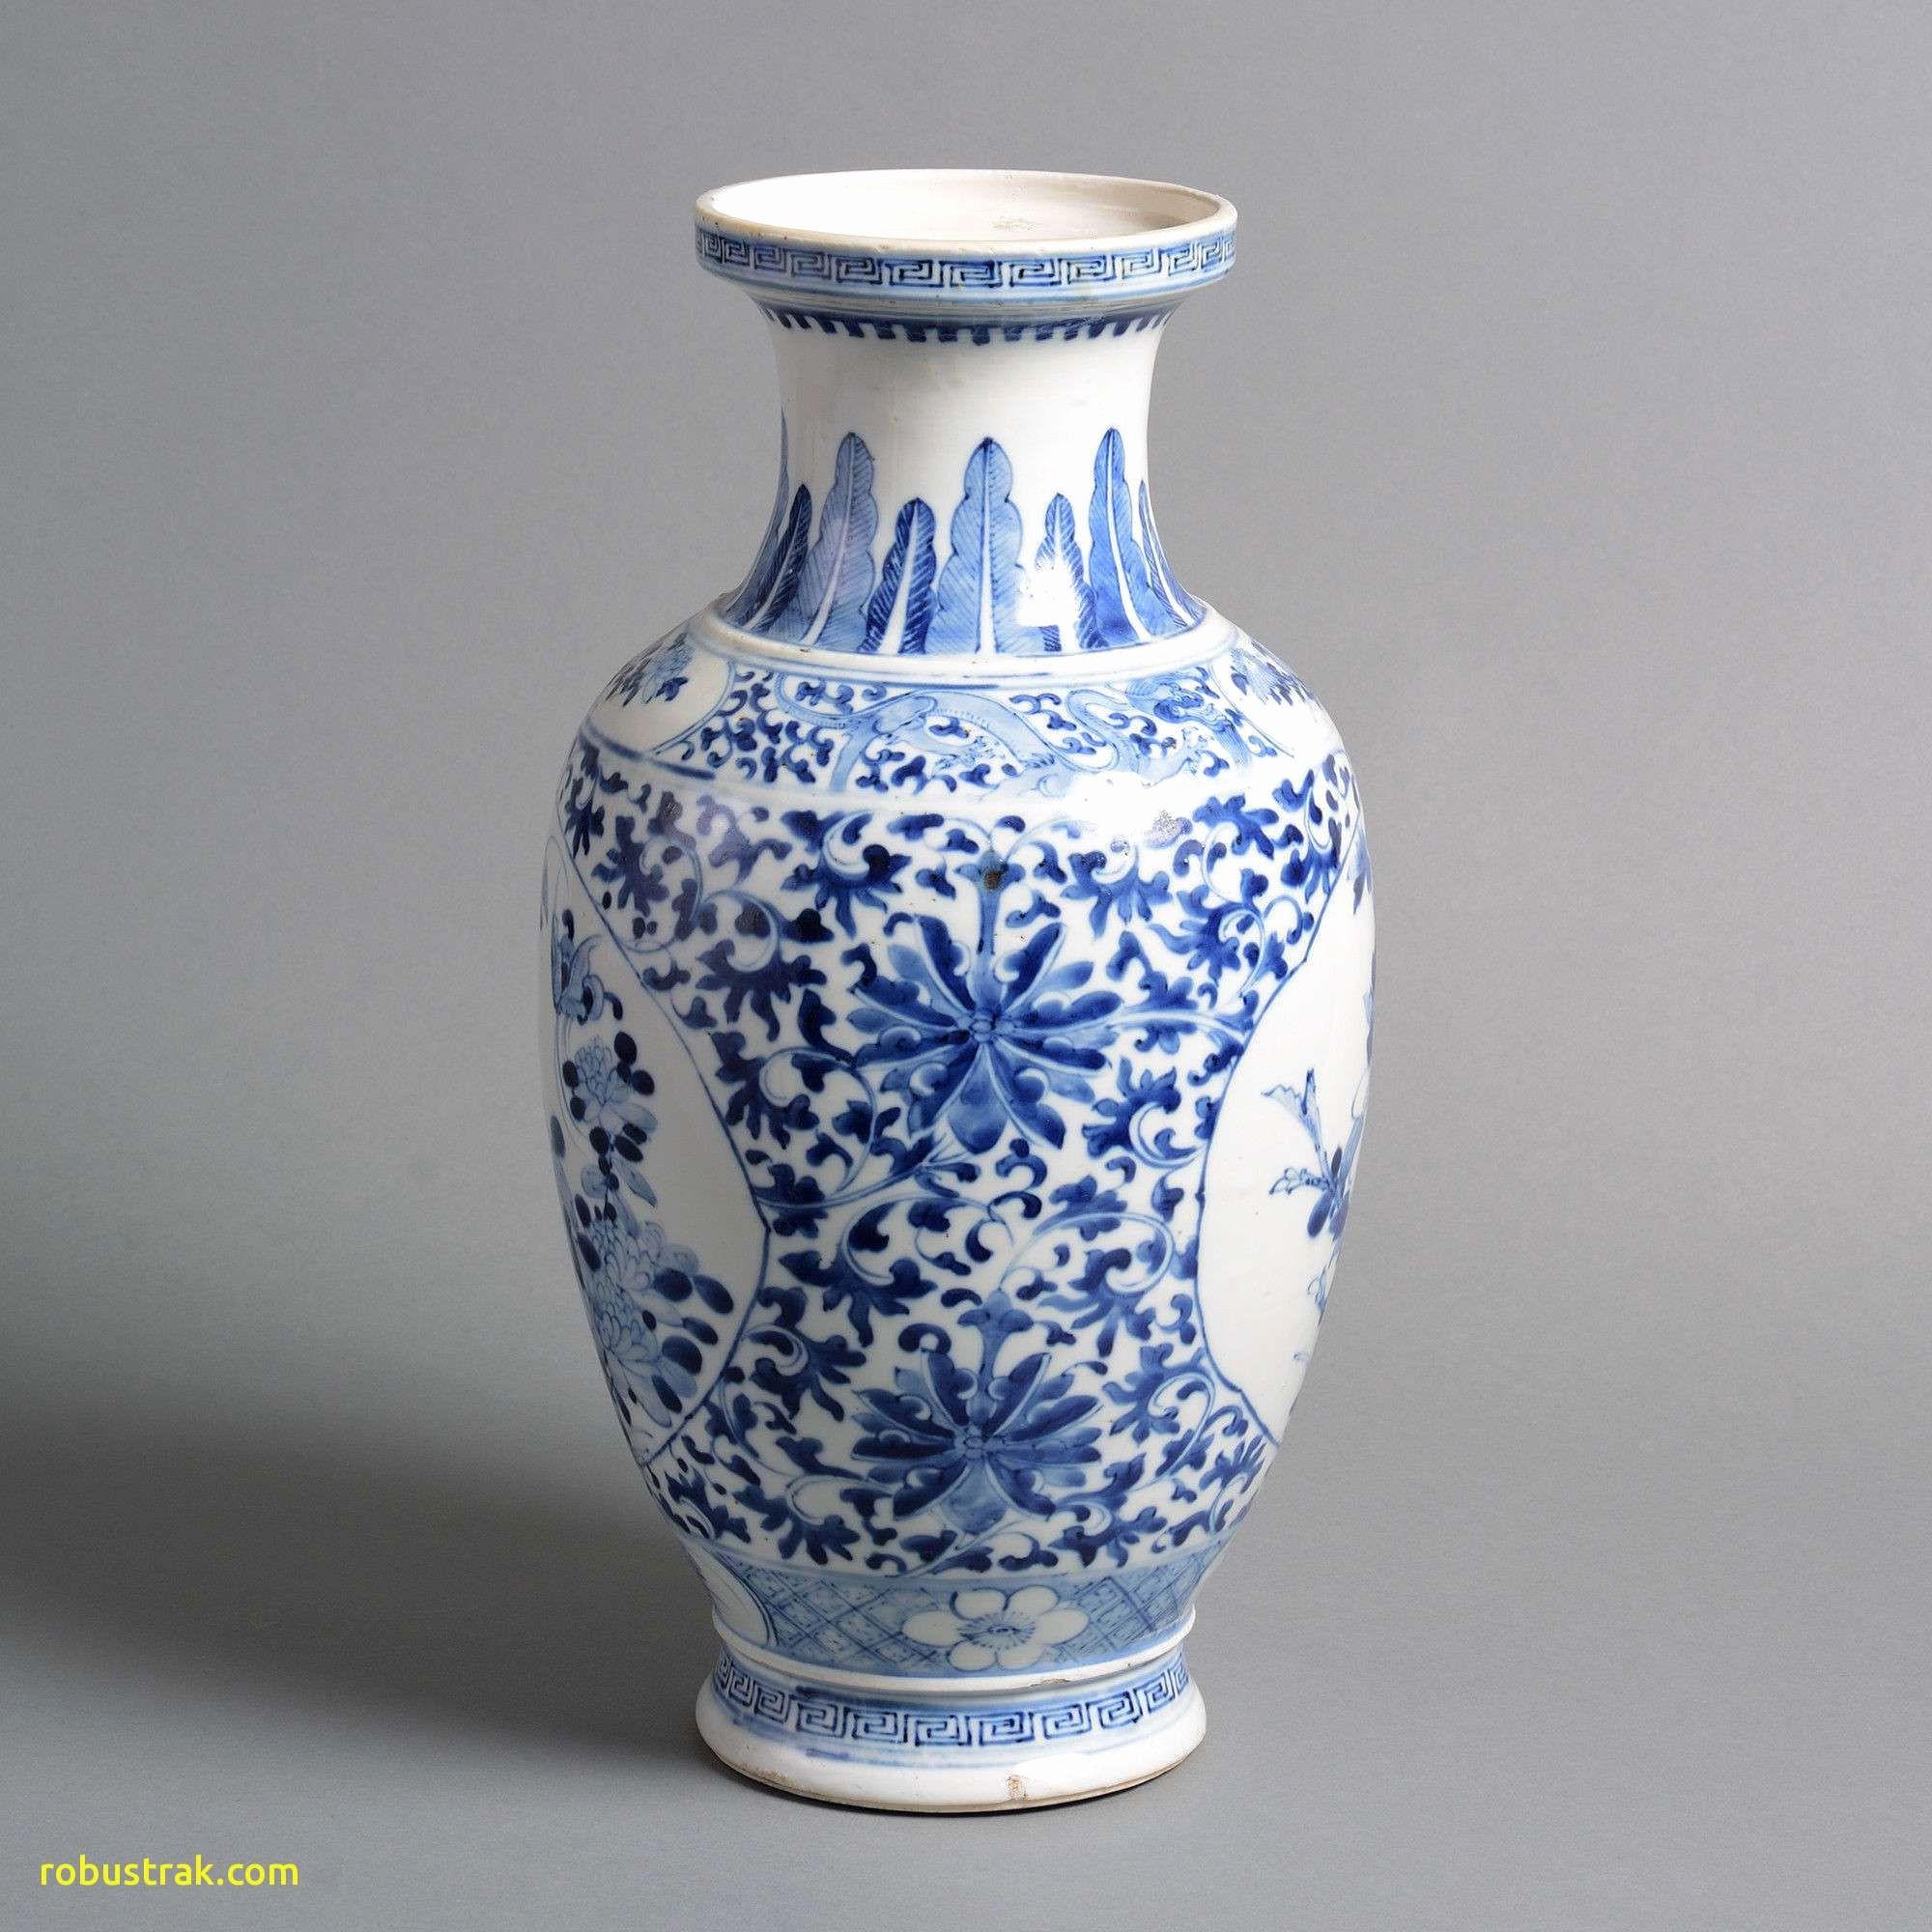 cobalt blue vase centerpieces of clear flower vase luxury 20 unique blue and white vases cheap pics in clear flower vase luxury 20 unique blue and white vases cheap pics